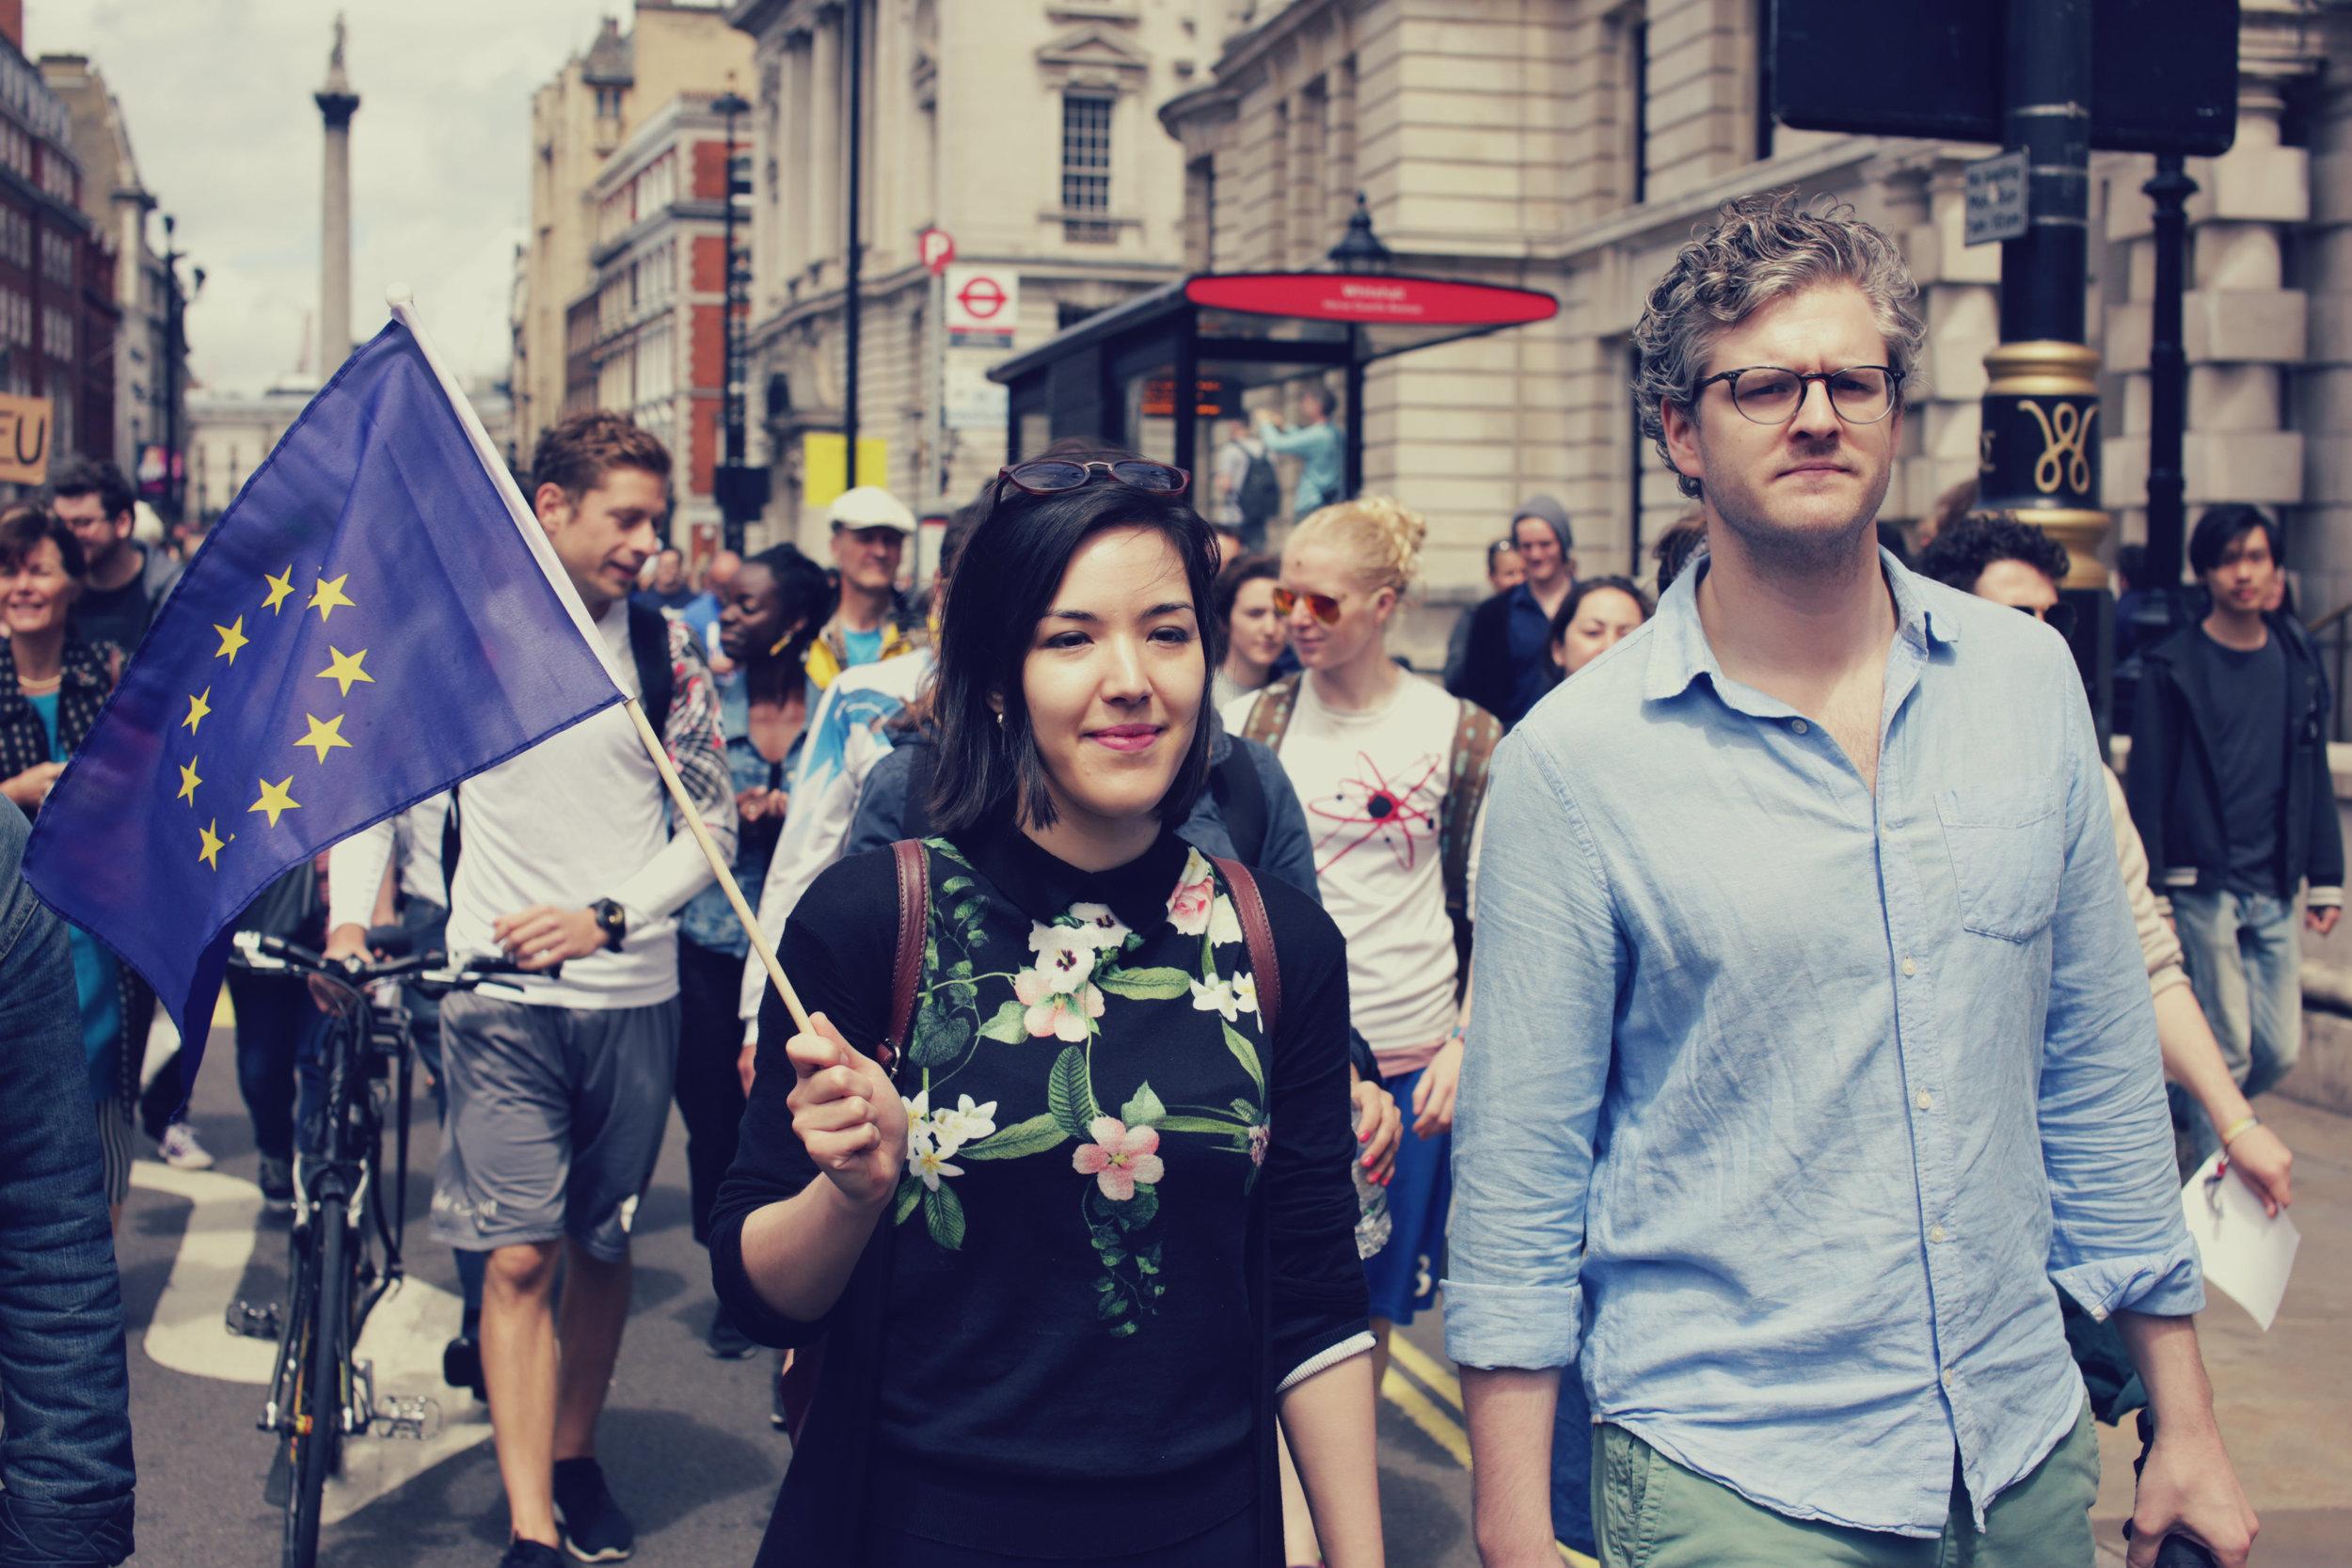 eu-flag-brexit-london-march